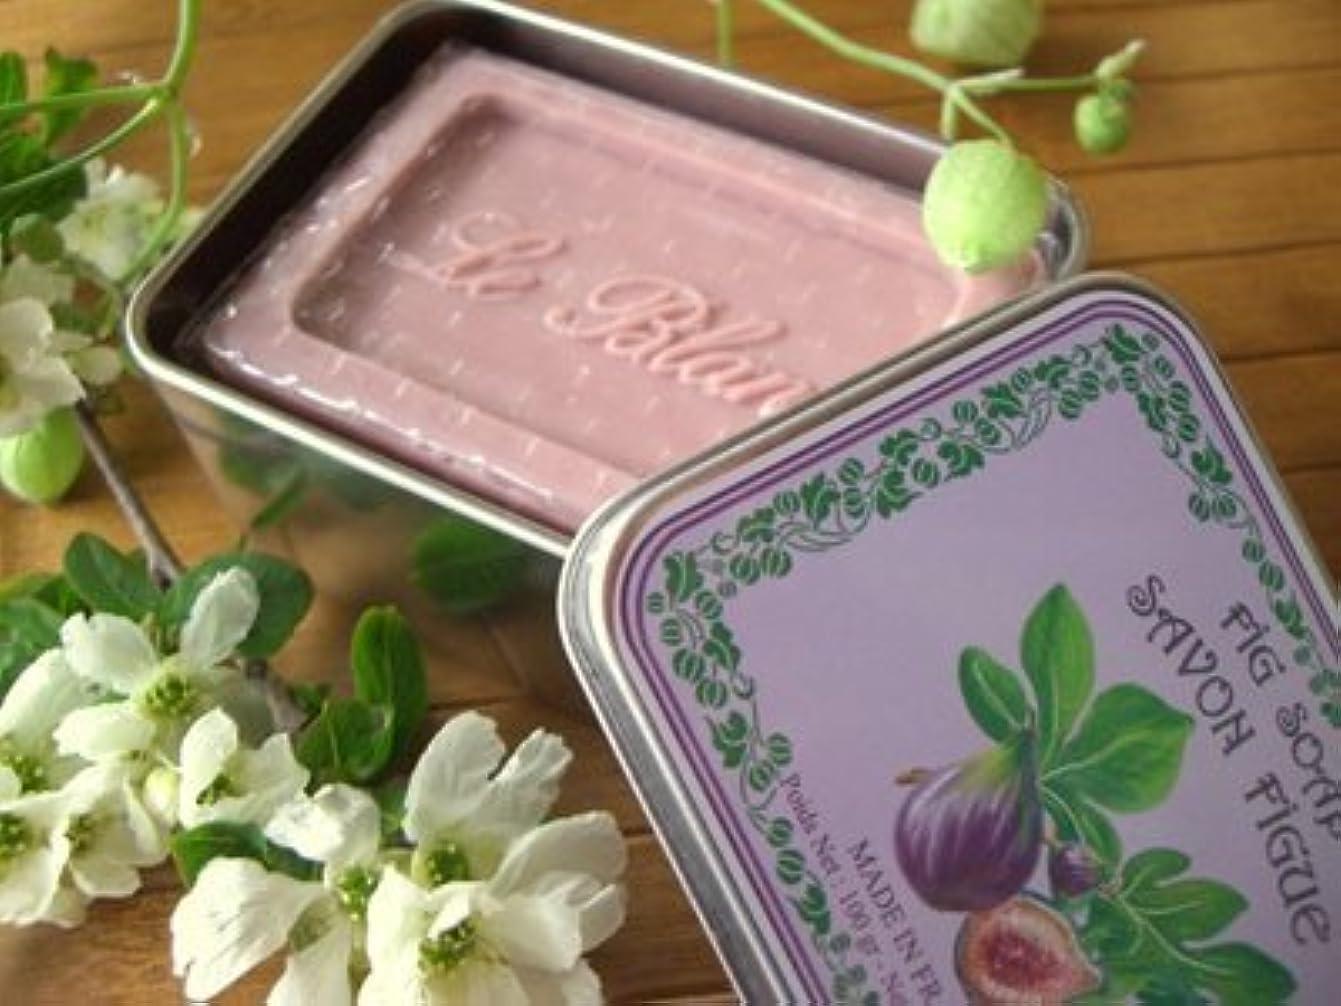 困惑する圧倒的ソファーLE BLANC SOAP(ルブランソープ) イチジクの香り LB007ルブランソープ メタルボックス(leblanclb007)